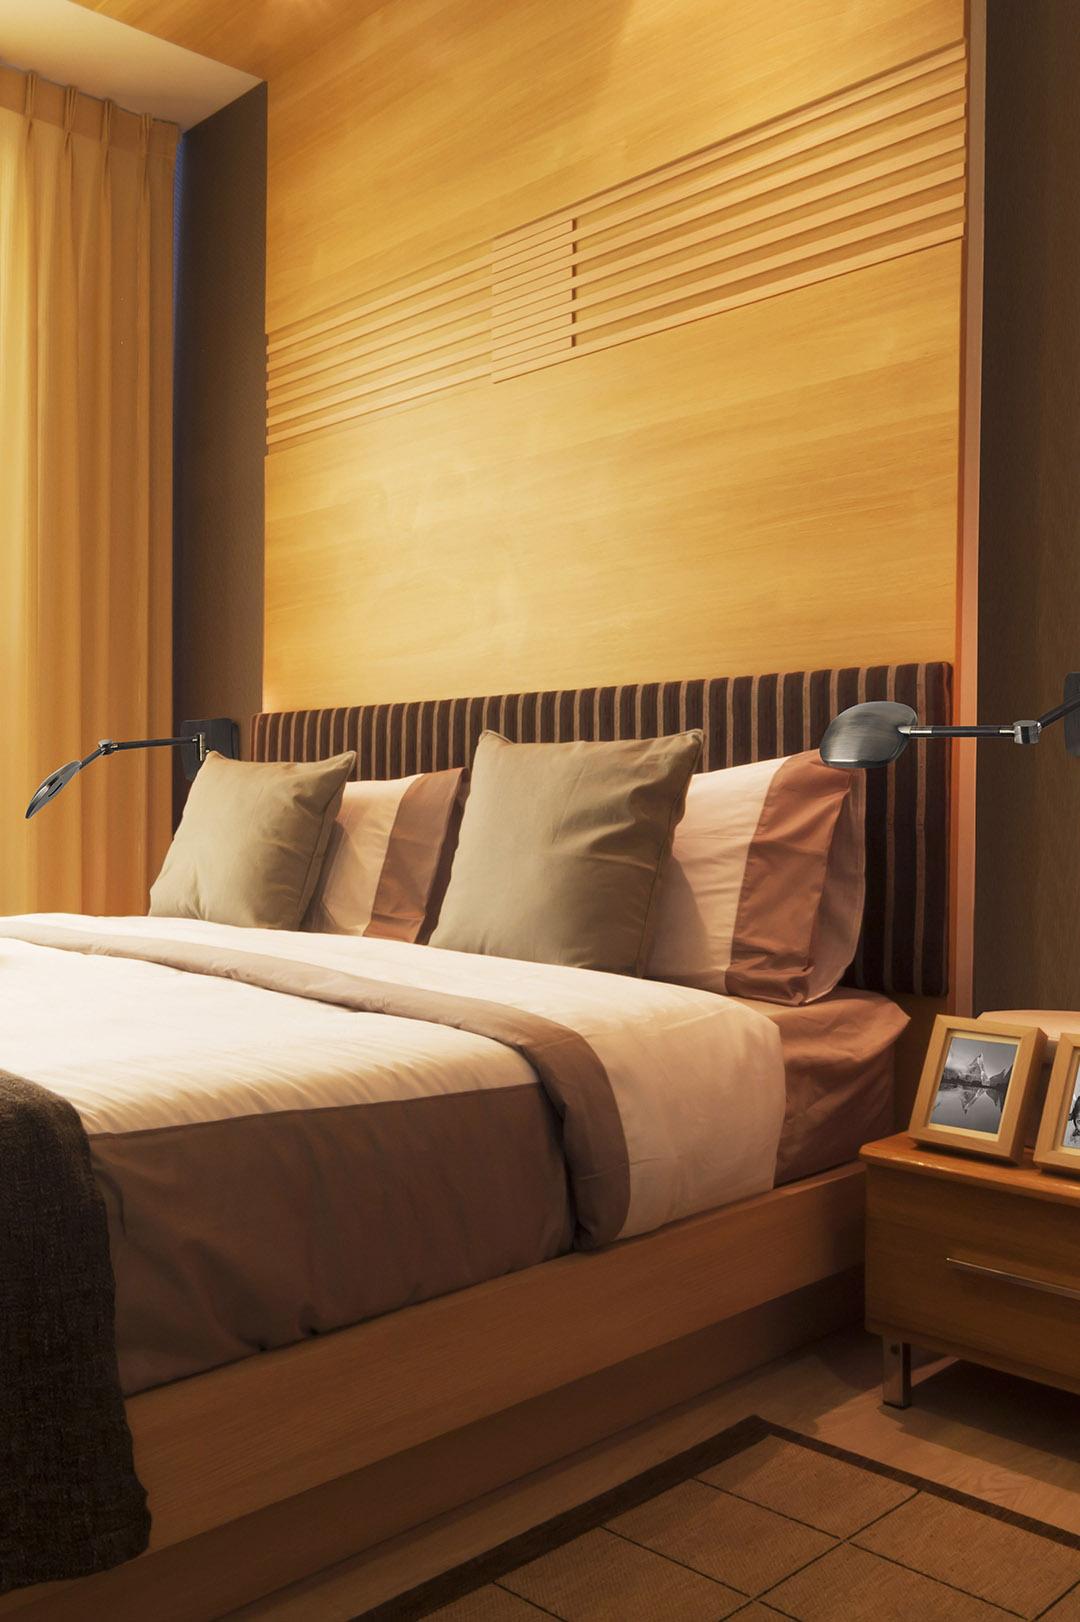 schwenkbare chrom schwarz wandlampe mit schalter. Black Bedroom Furniture Sets. Home Design Ideas